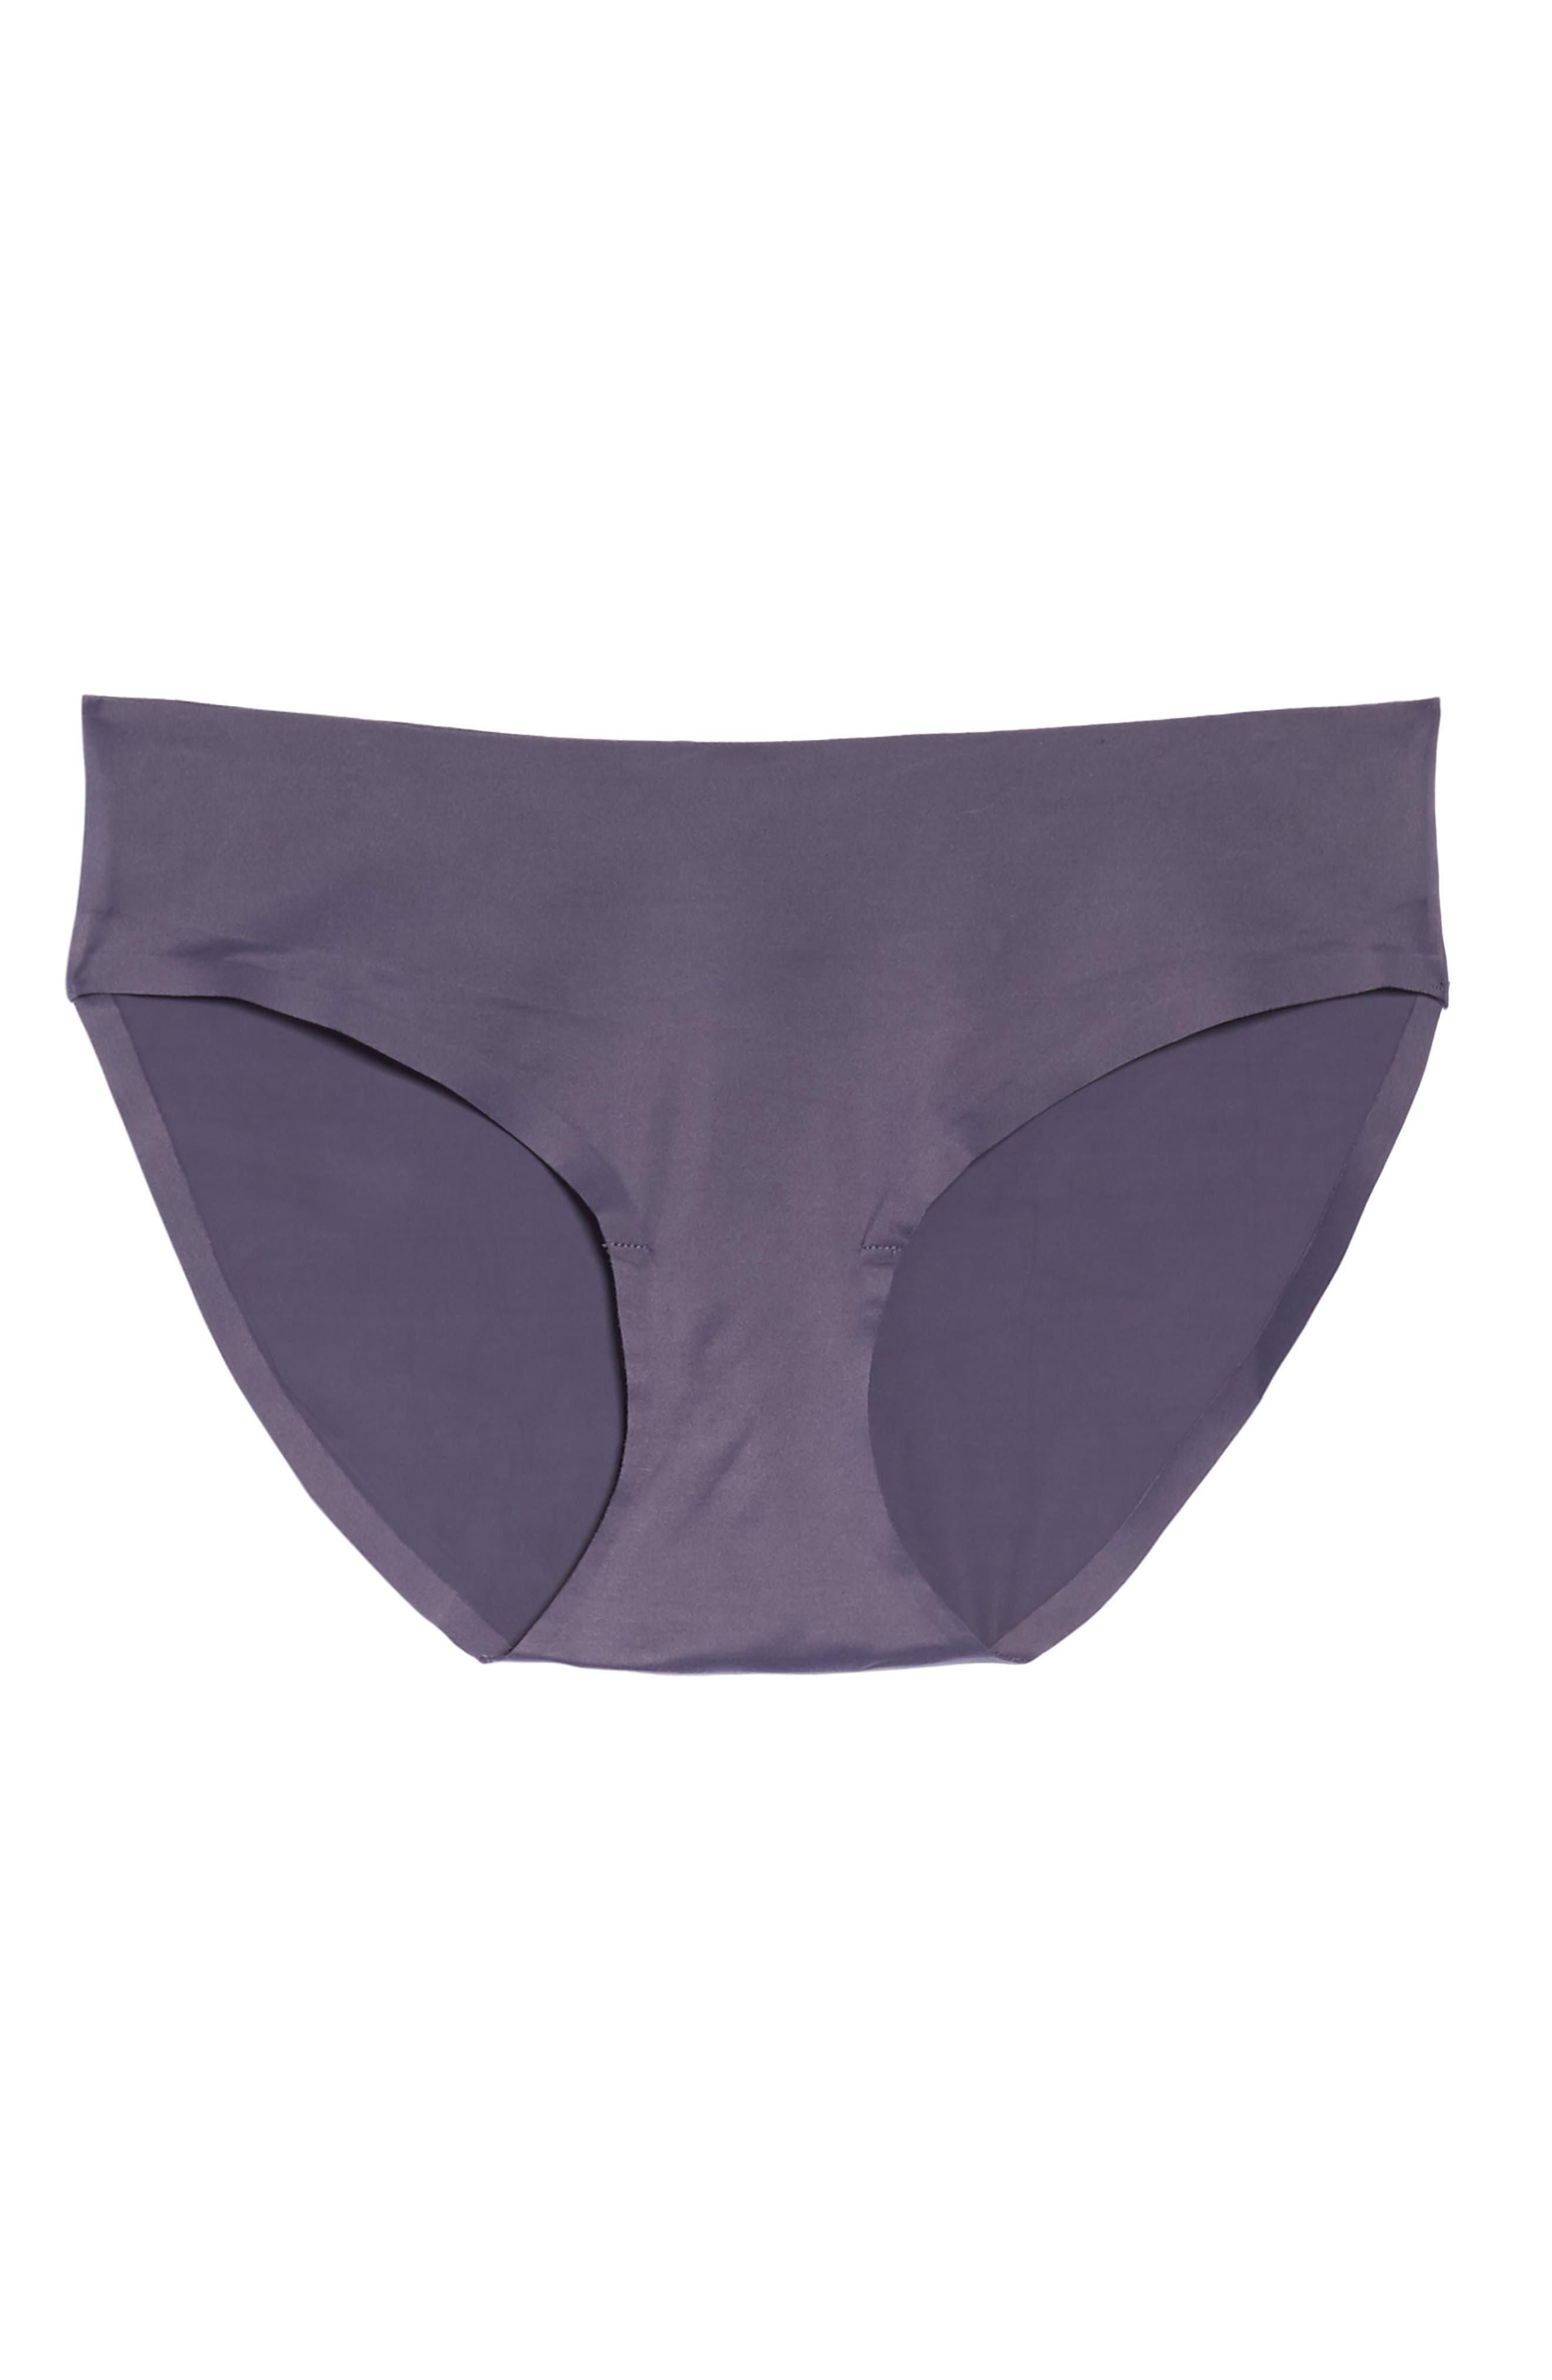 Undie-tectable B'tweenie Panty,                             Alternate thumbnail 5, color,                             Oxidized Purple